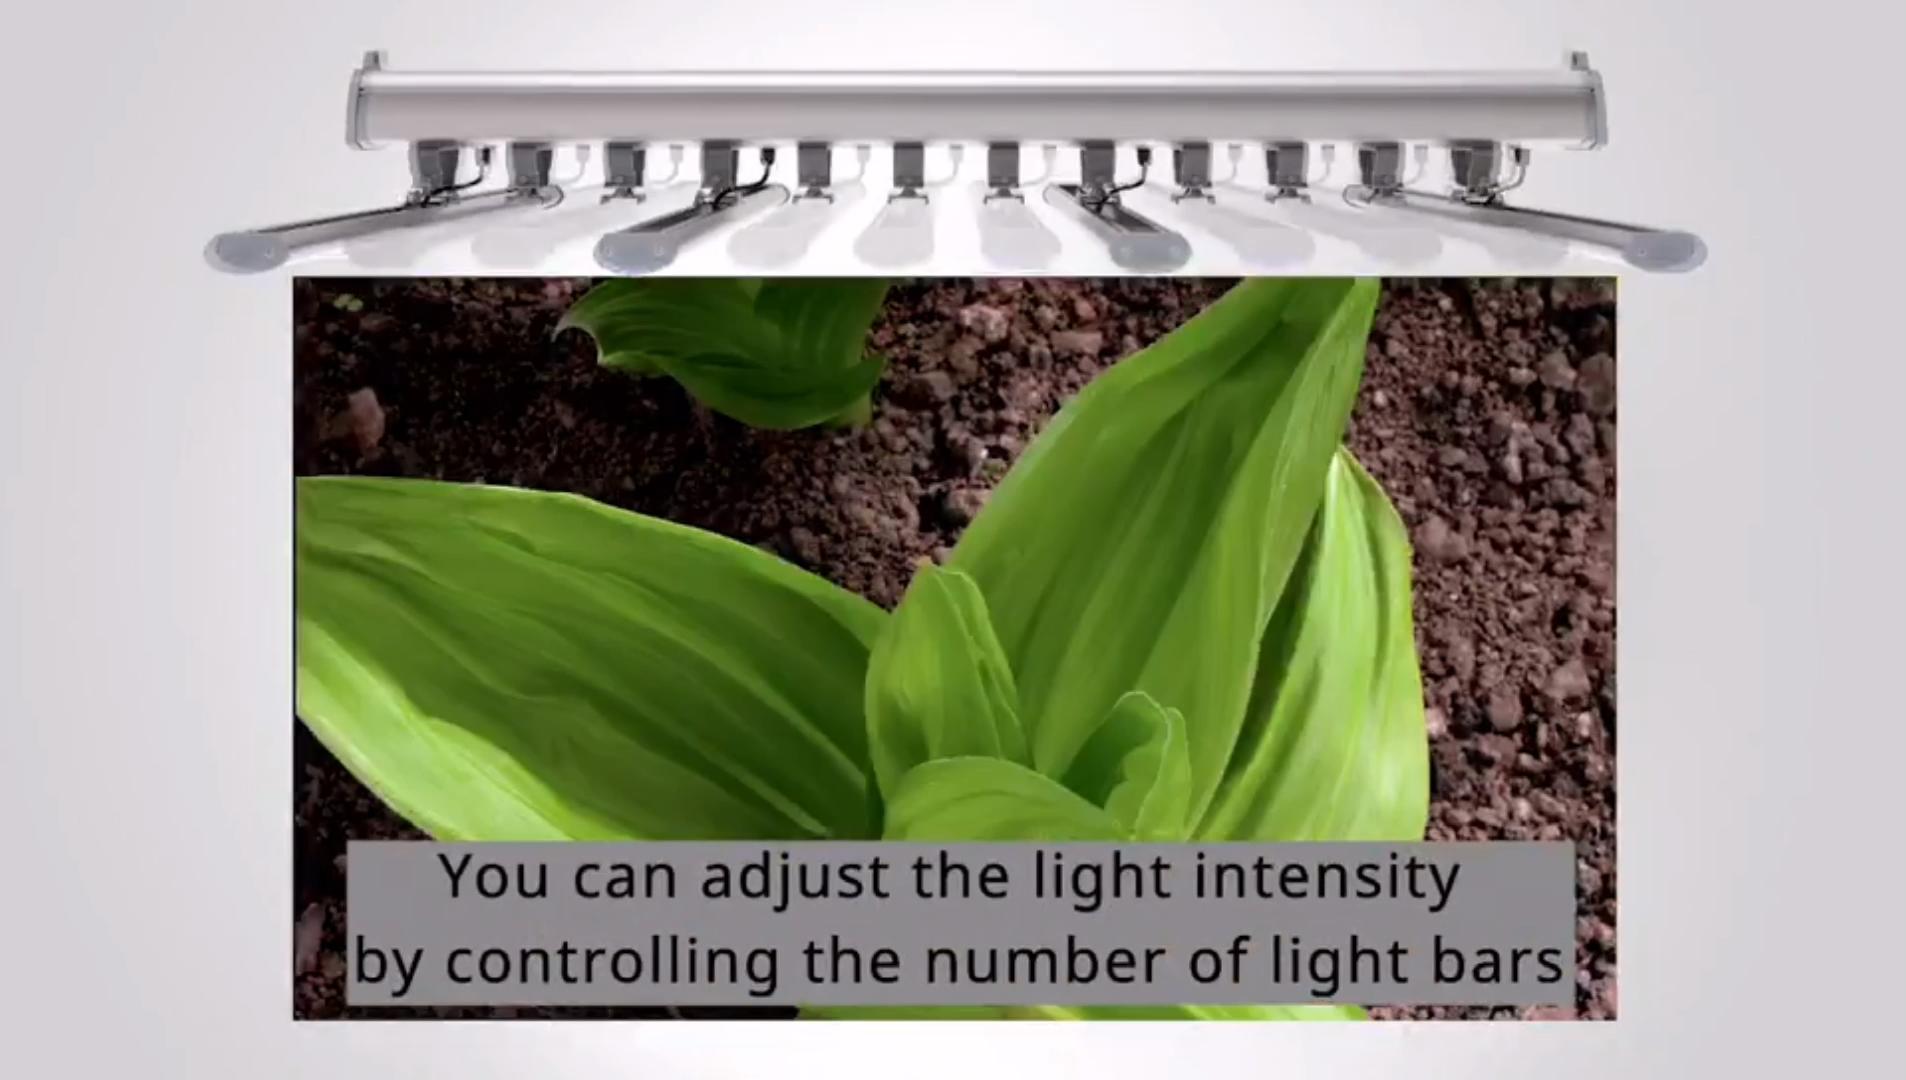 럭스 새로운 DLC ETL CE ROHS 방수 실내 풀 스펙트럼 디밍 1200w 1500w 식물 성장 빛 IP65 LED 조명